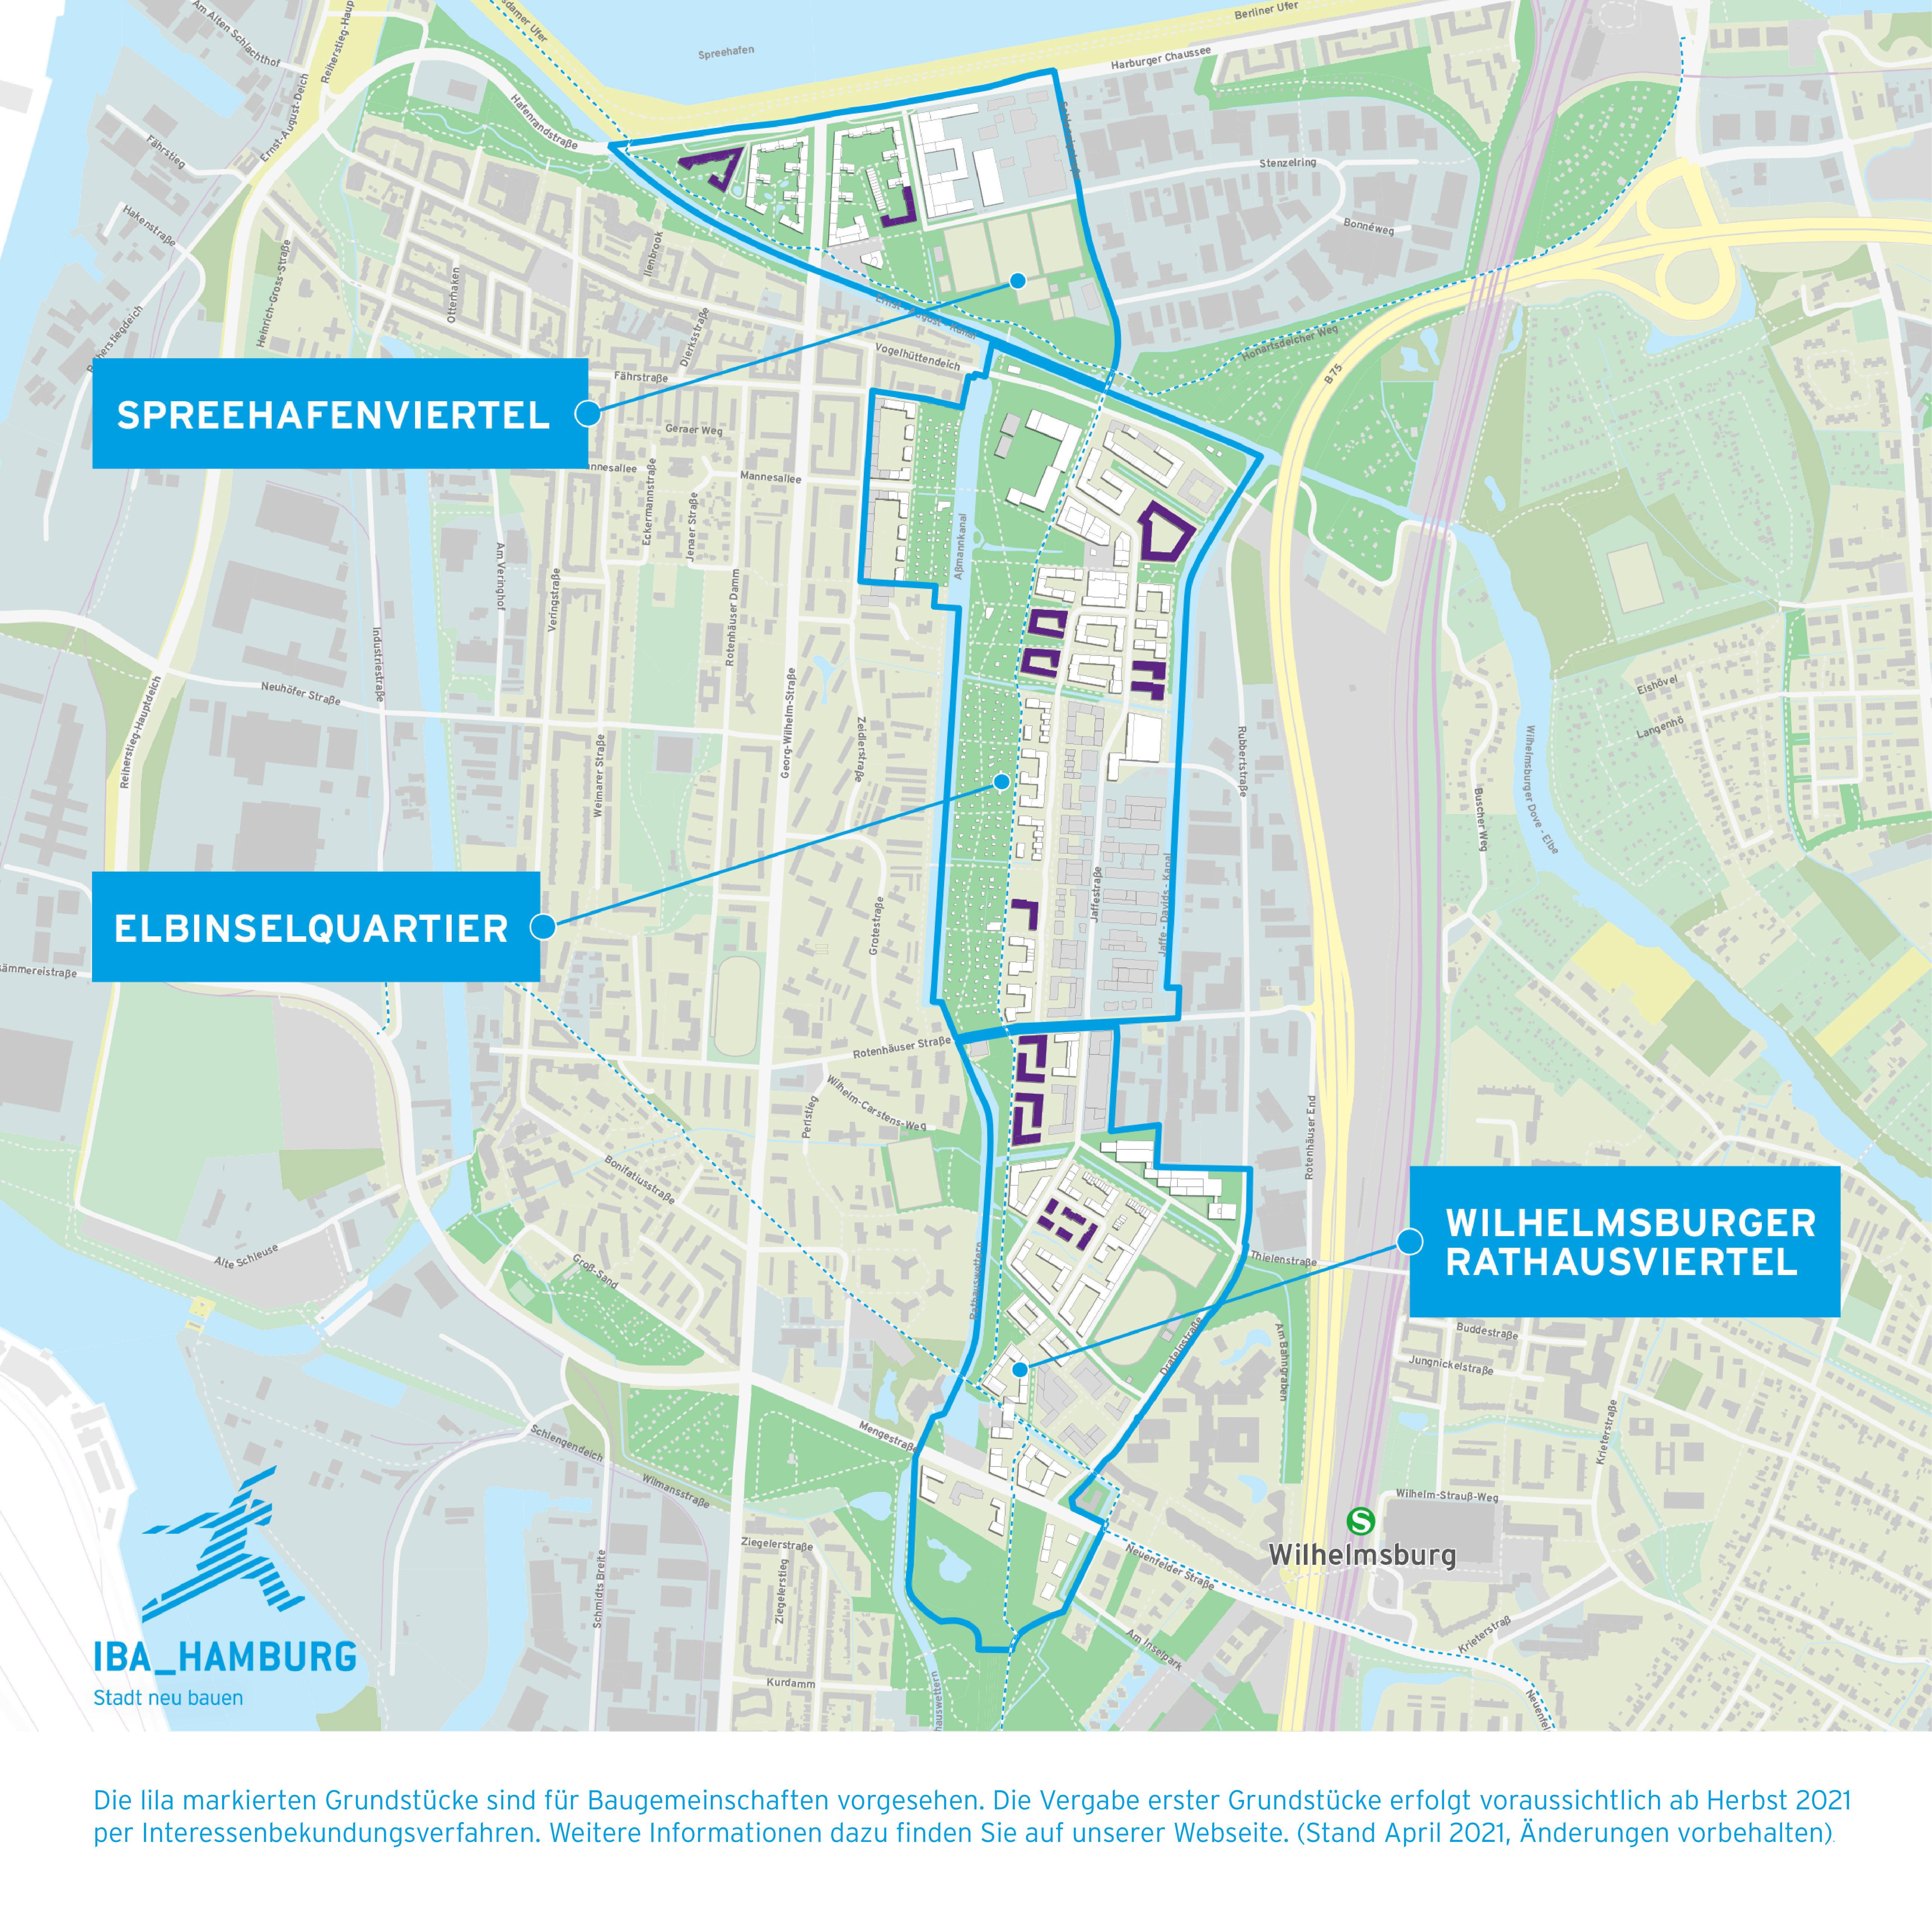 Karte Uebersicht Baugemeinschaften Wilhelmsburg IBA Hamburg